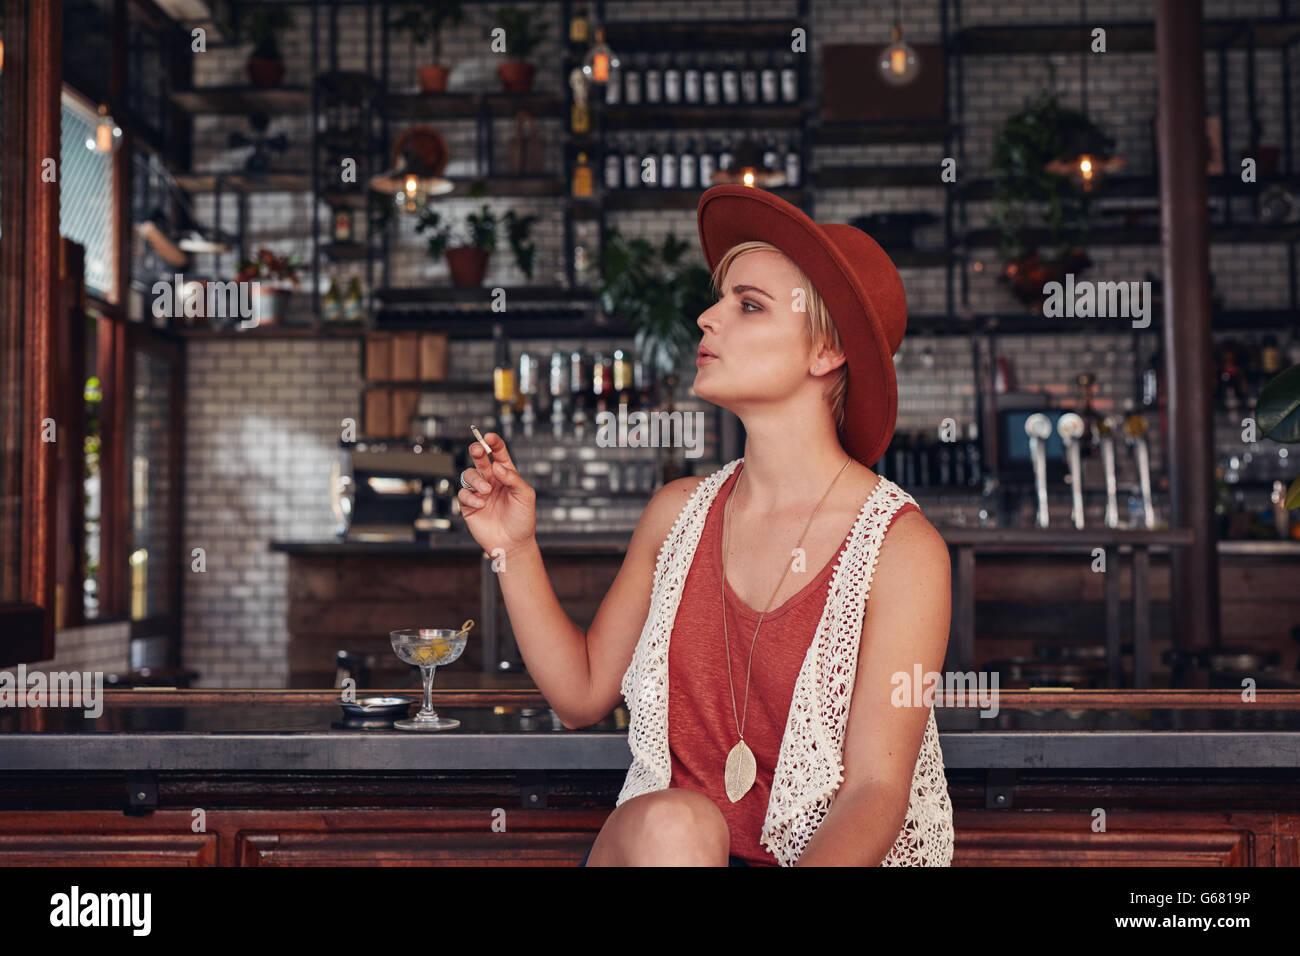 Ritratto di attraente giovane donna di fumare in un bar. Azienda di sigarette e di guardare lontano. Immagini Stock